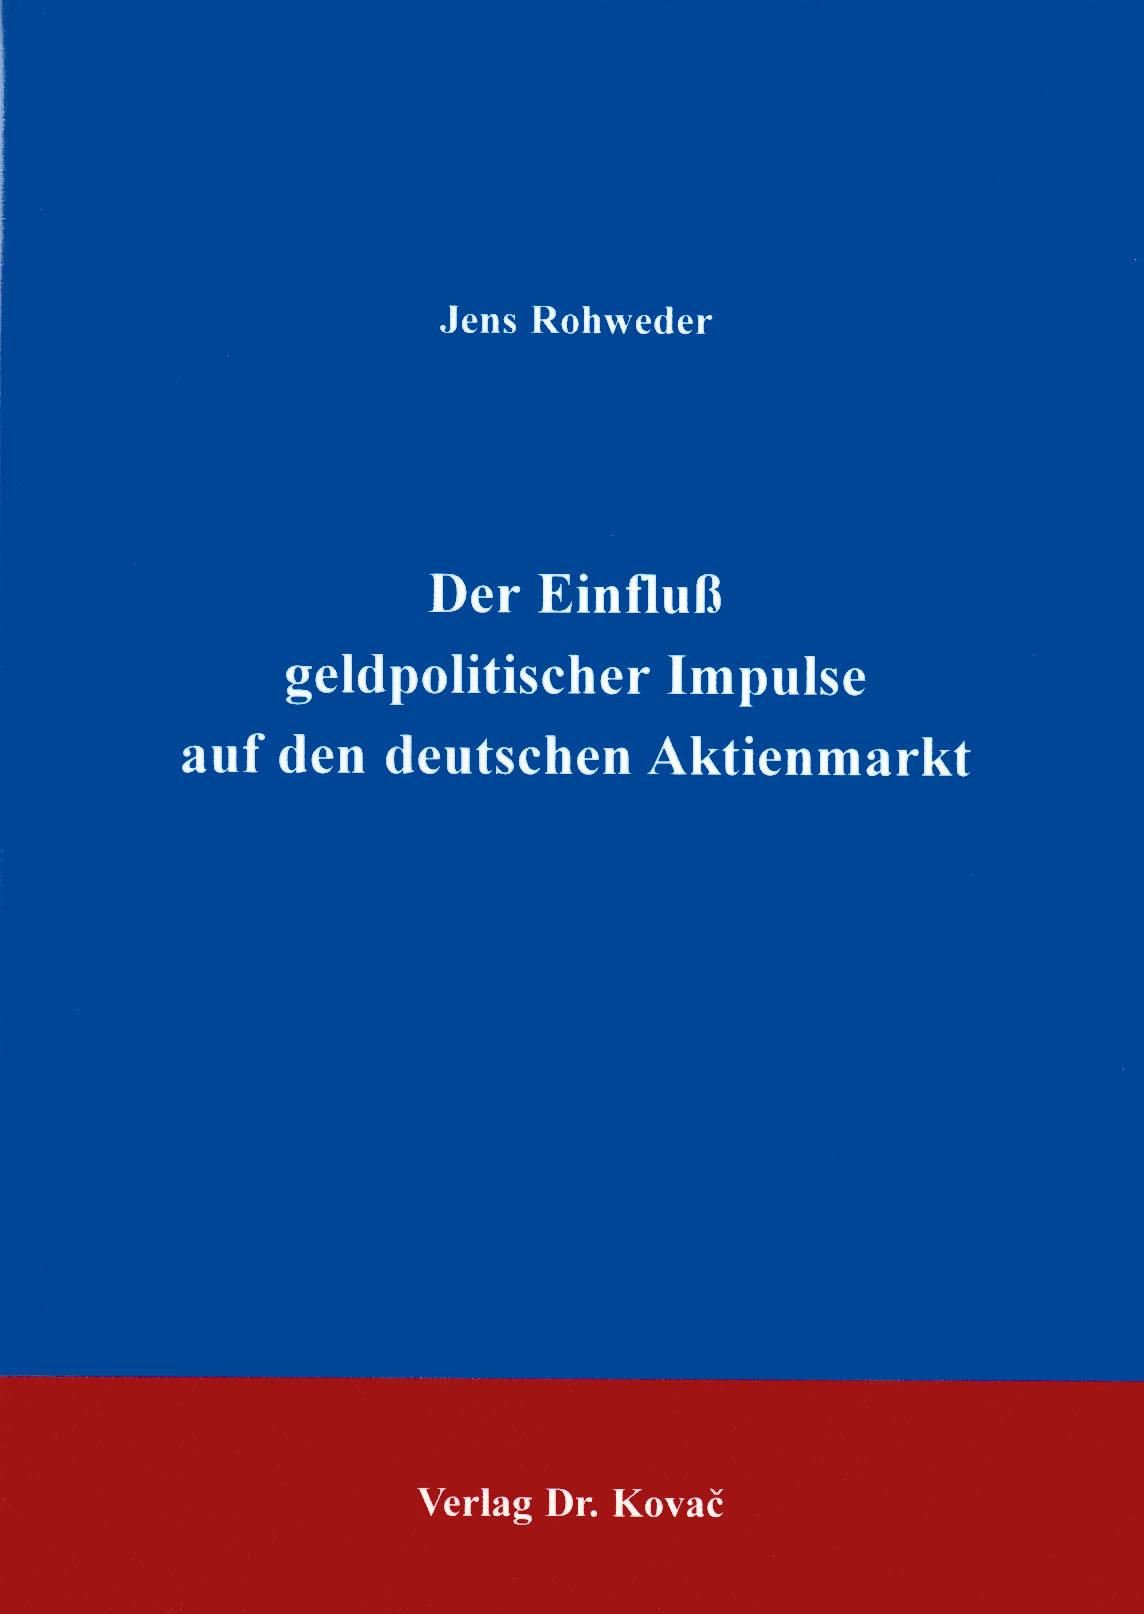 Cover: Der Einfluß geldpolitischer Impulse auf den deutschen Aktienmarkt